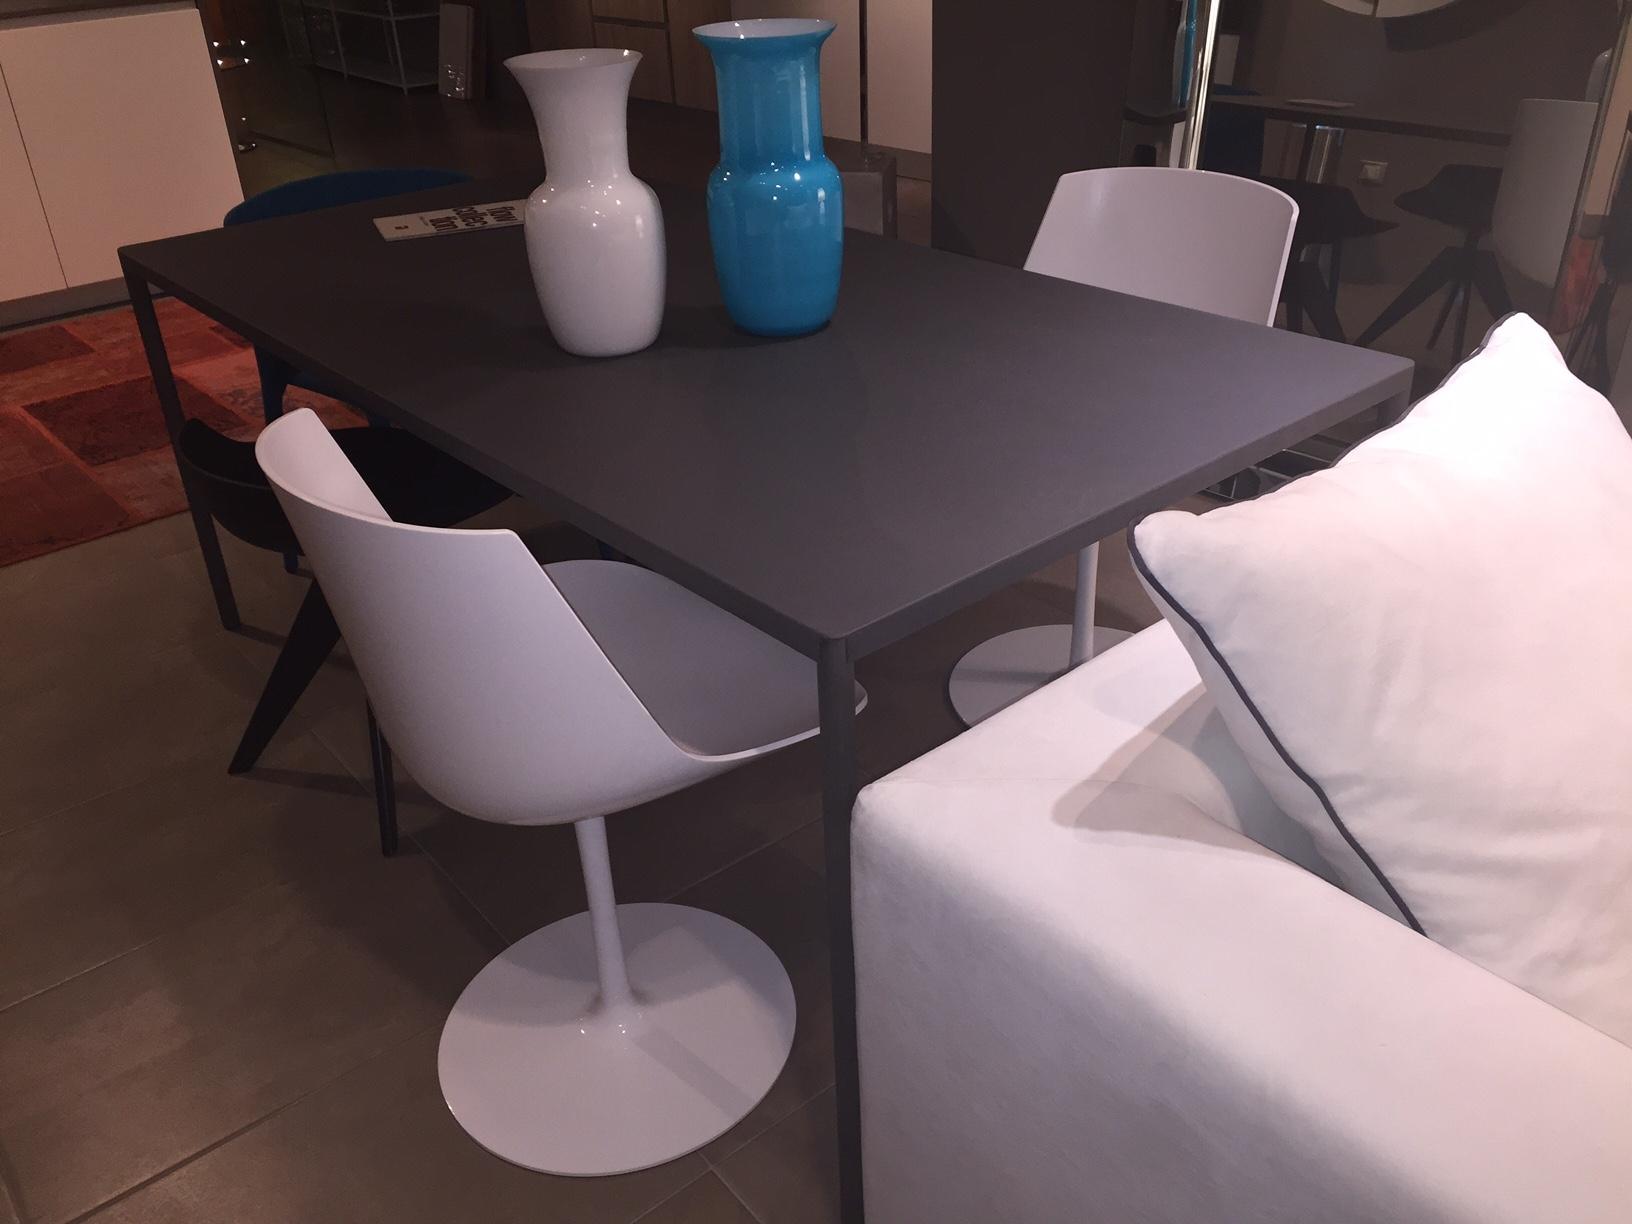 Sedie design girevole mdf italia sedie a prezzi scontati for Sedie design italia